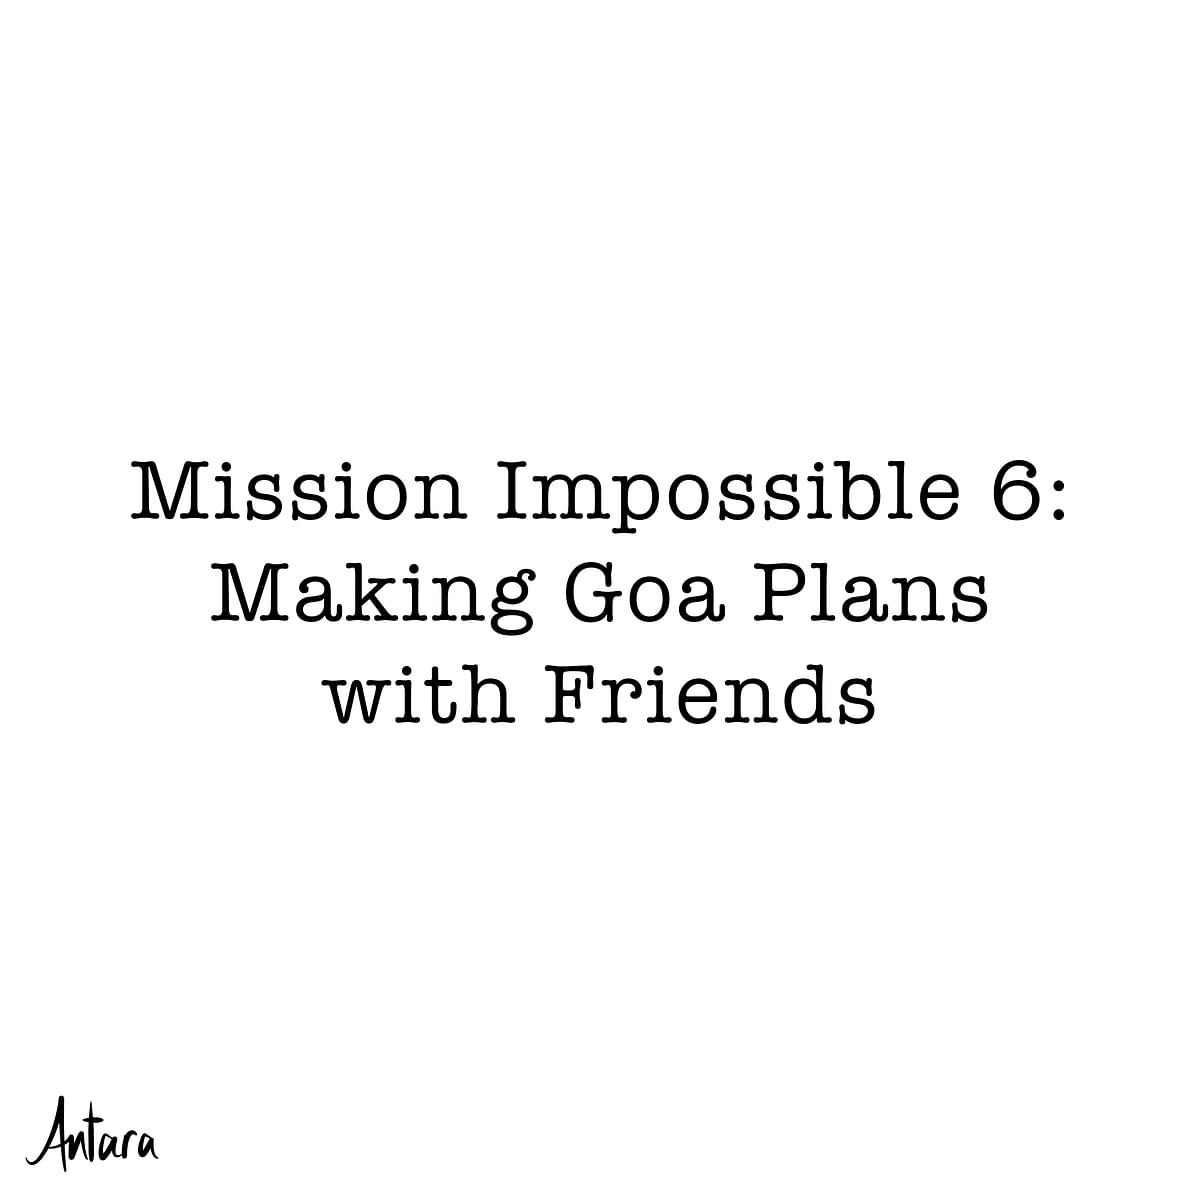 Antara's Comics: The Reality of Every Goa Plan